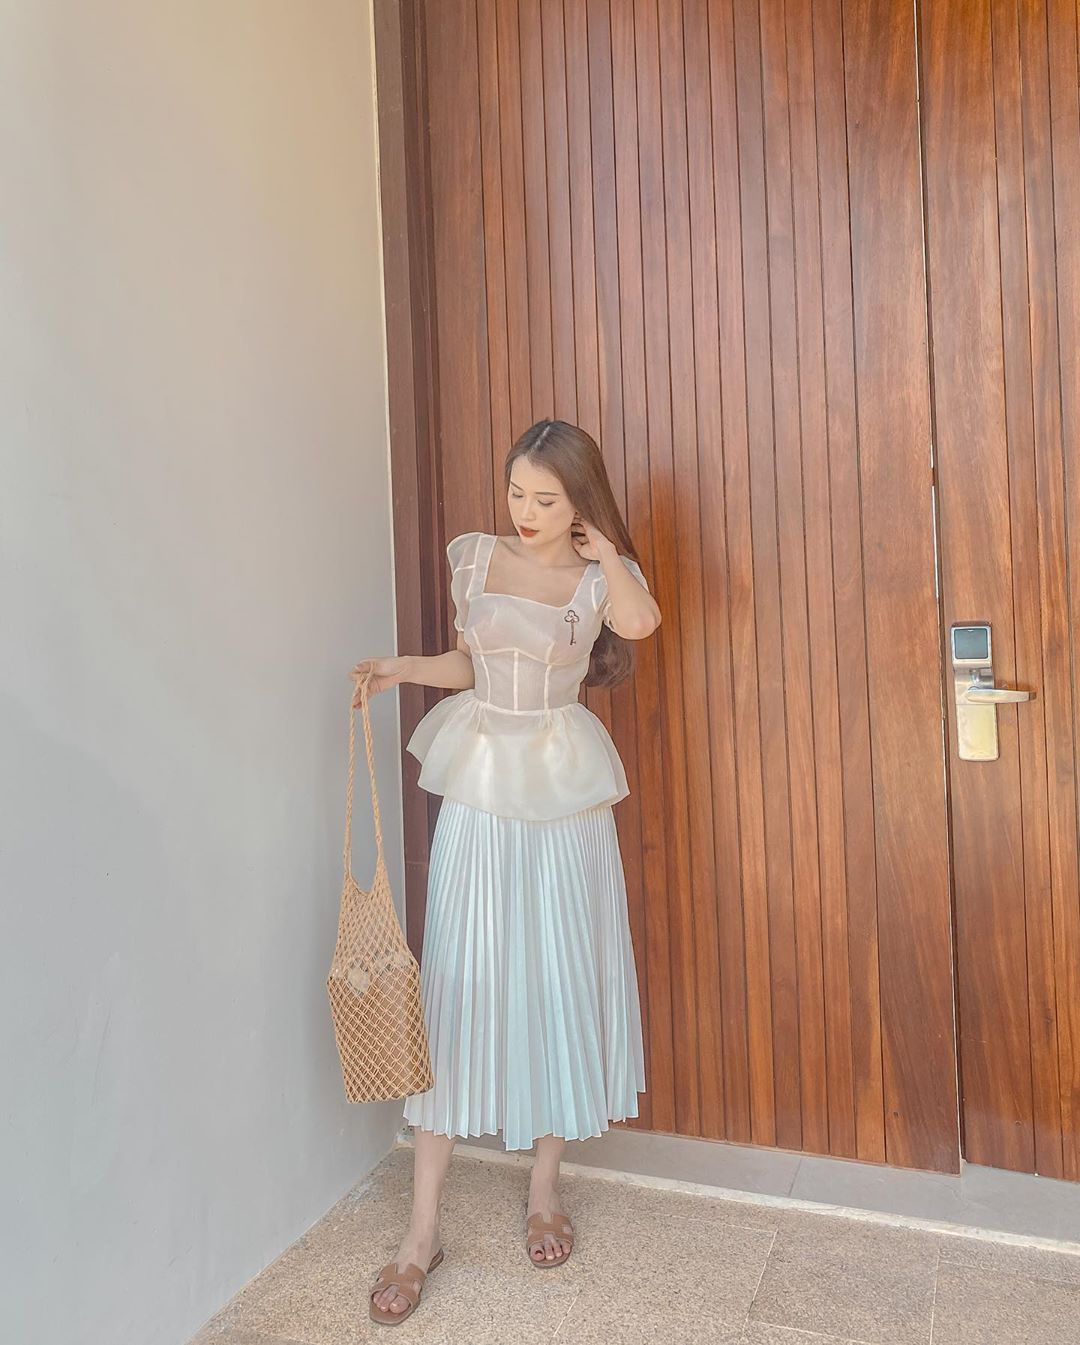 Các mỹ nhân Việt có loạt cách diện chân váy siêu xinh, bạn áp dụng thì sẽ đẹp mọi lúc mọi nơi - Ảnh 8.